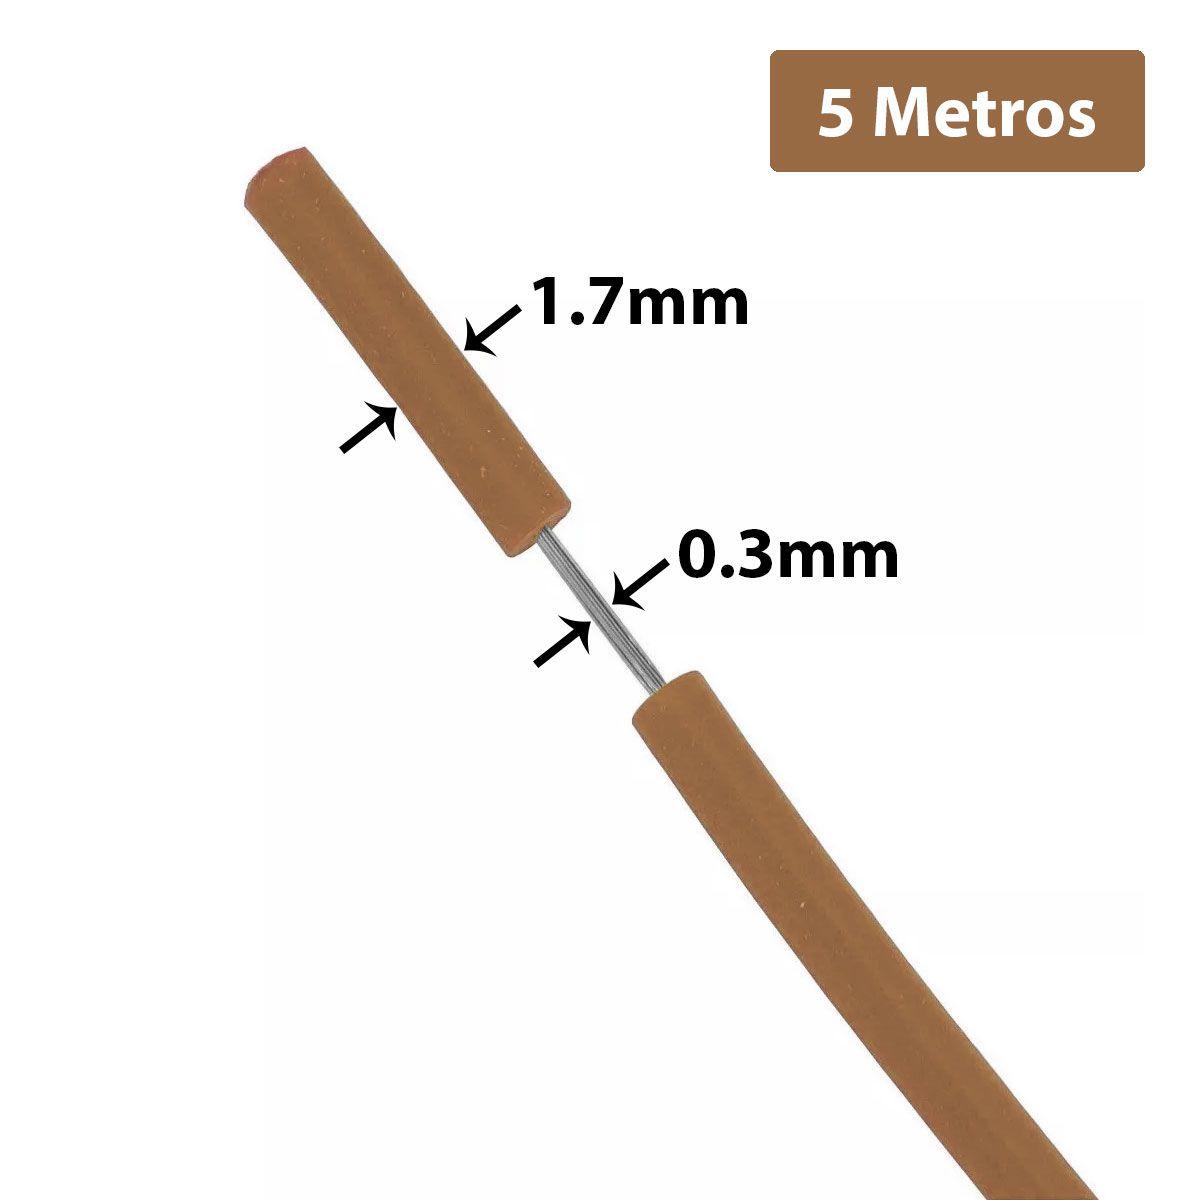 Fio Cabinho Flexível de Cobre Estanhado 0,3mm com 5 metros